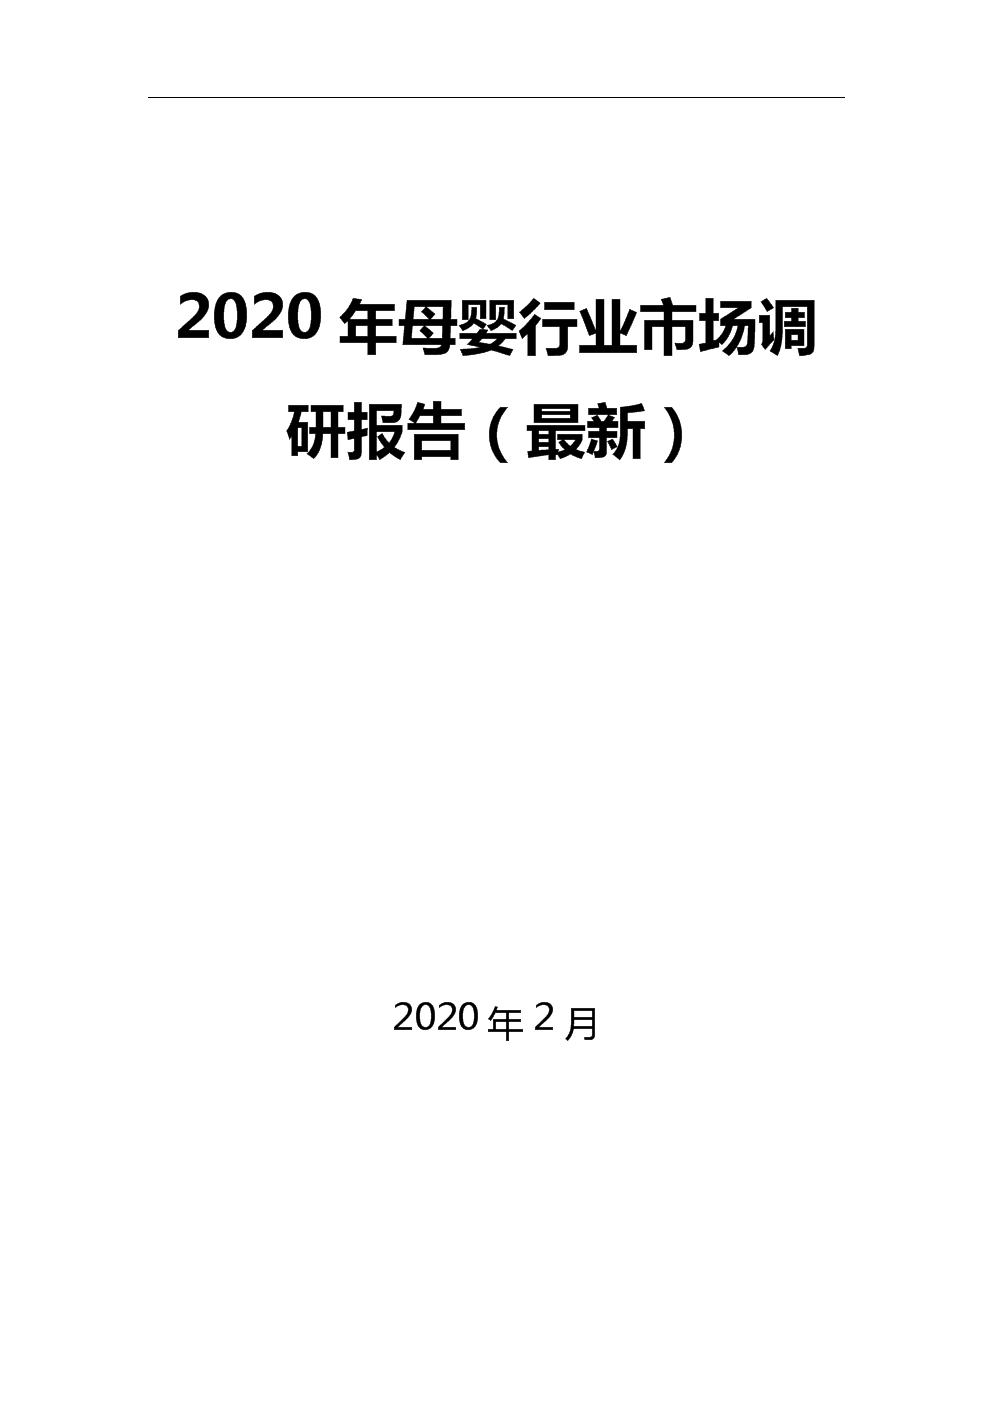 2020年母婴行业市场调研报告(最新).docx